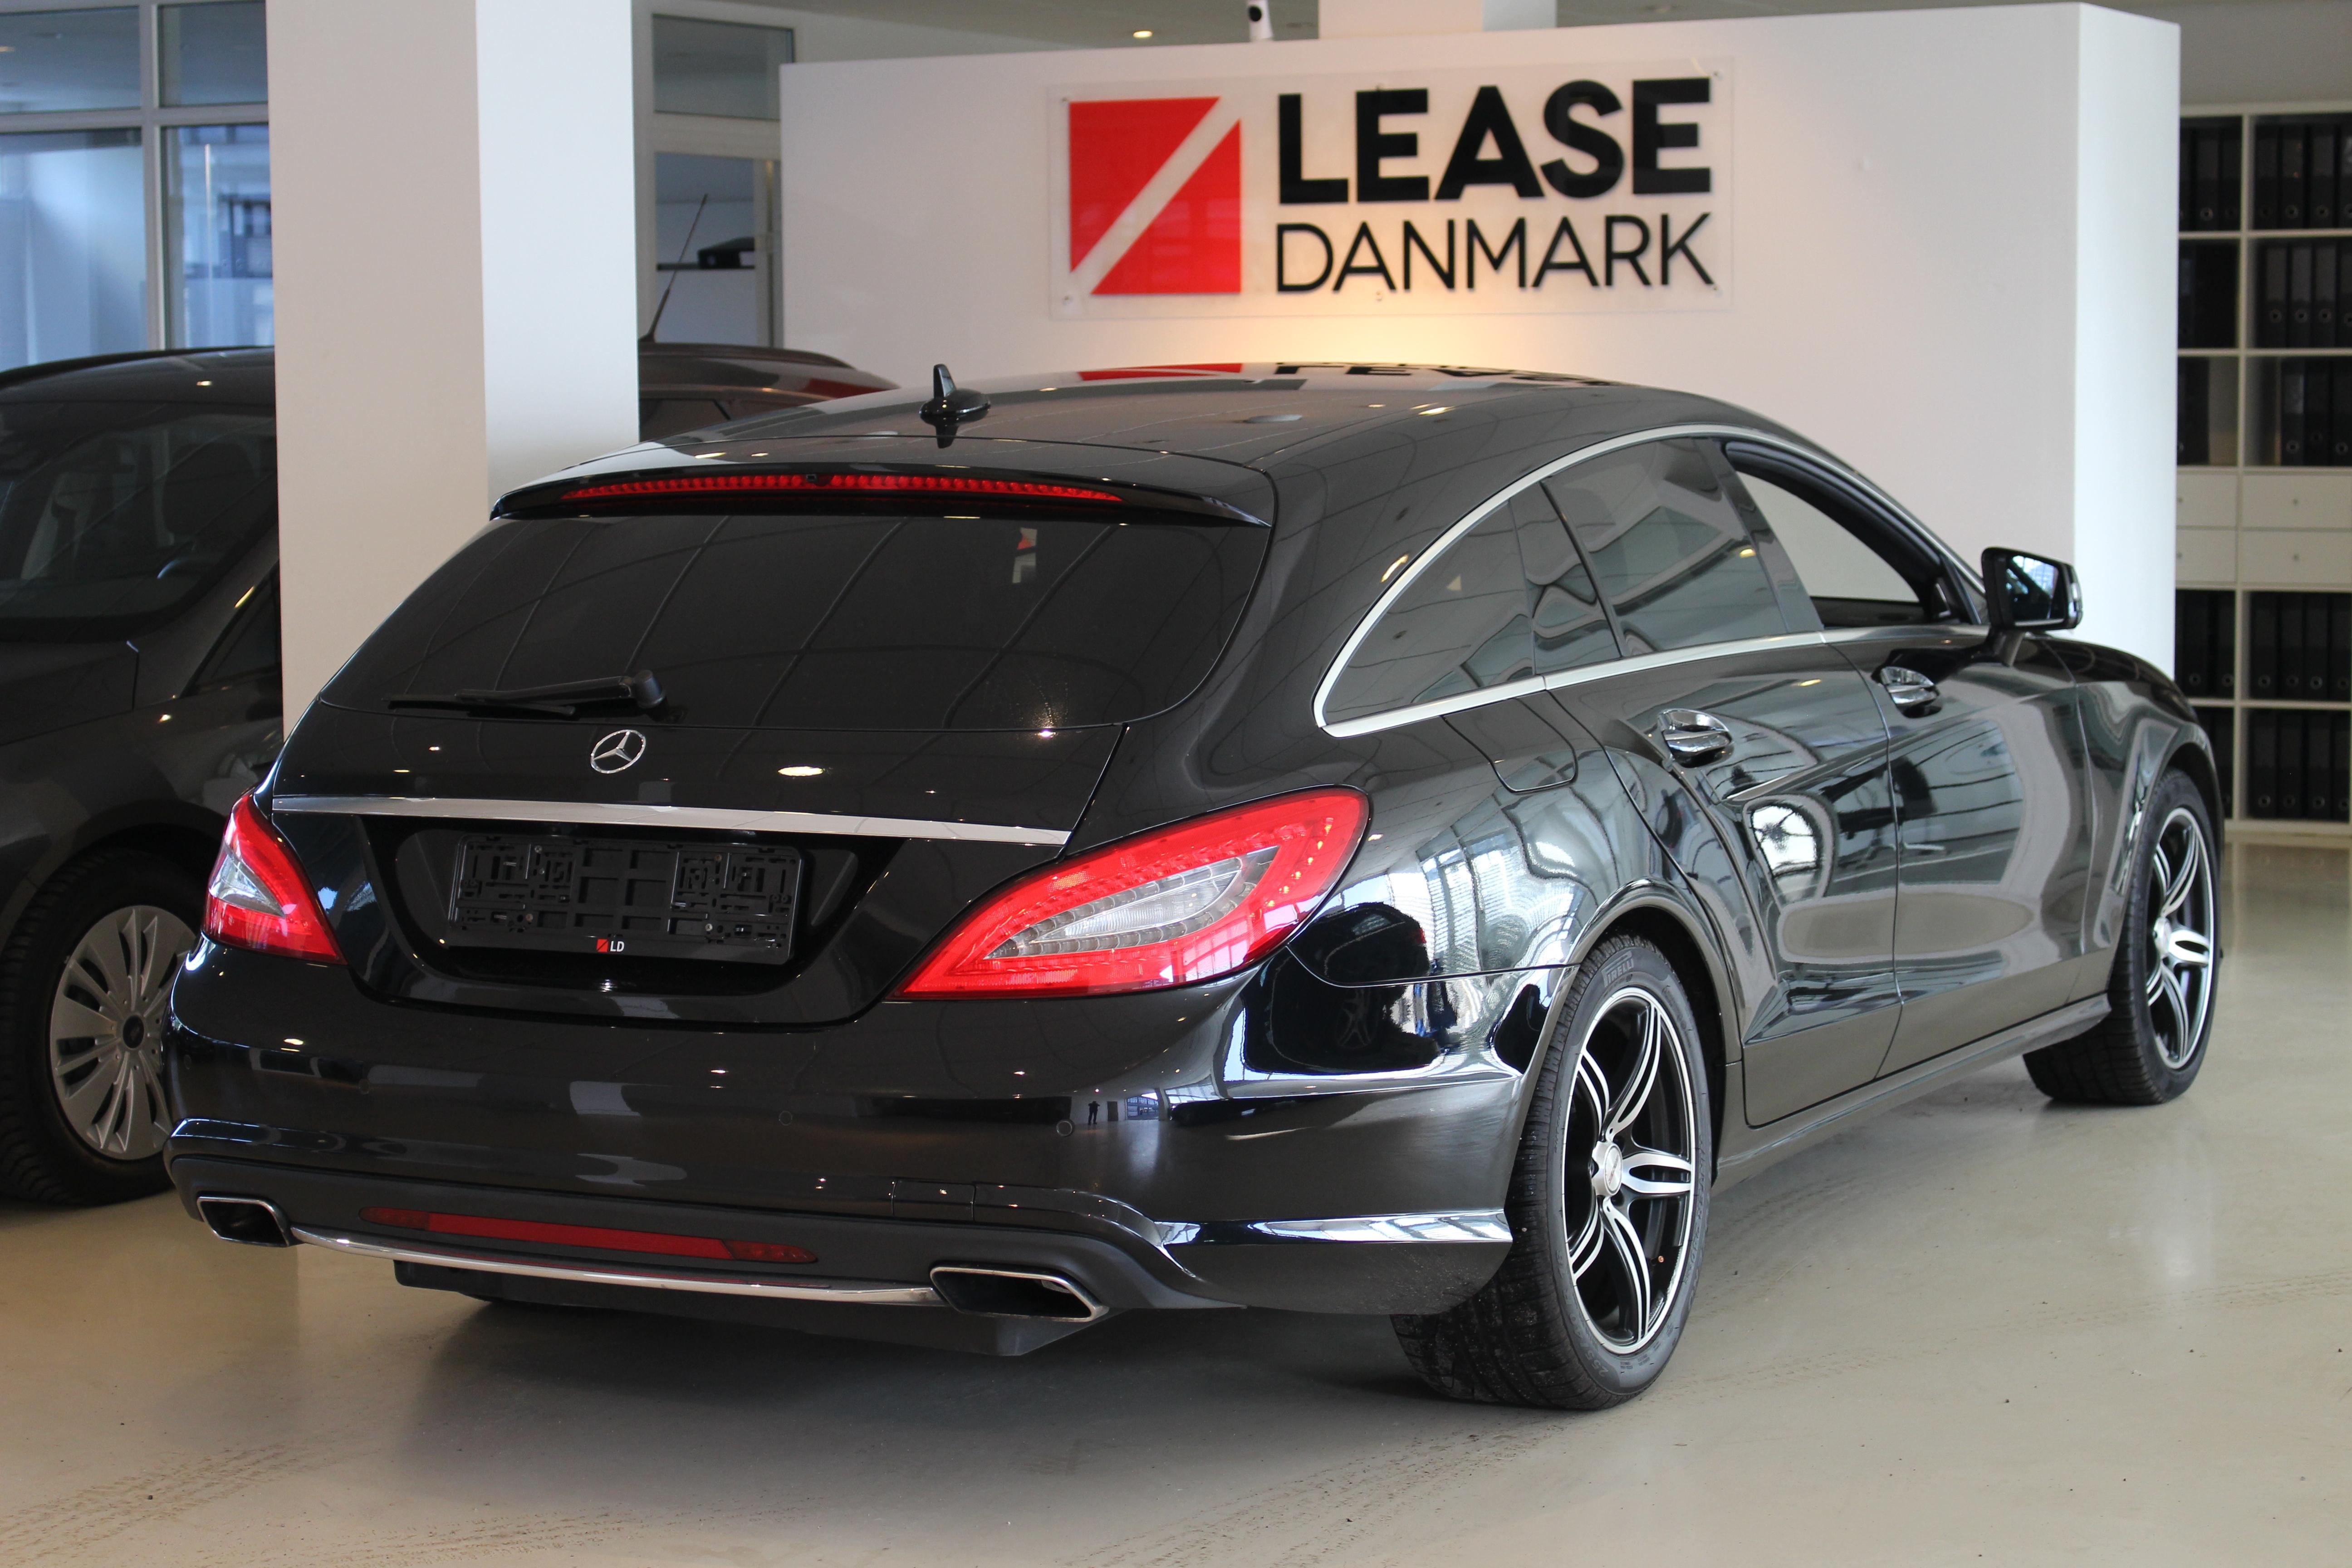 mercedes benz cls 350 shooting brake lease danmark. Black Bedroom Furniture Sets. Home Design Ideas